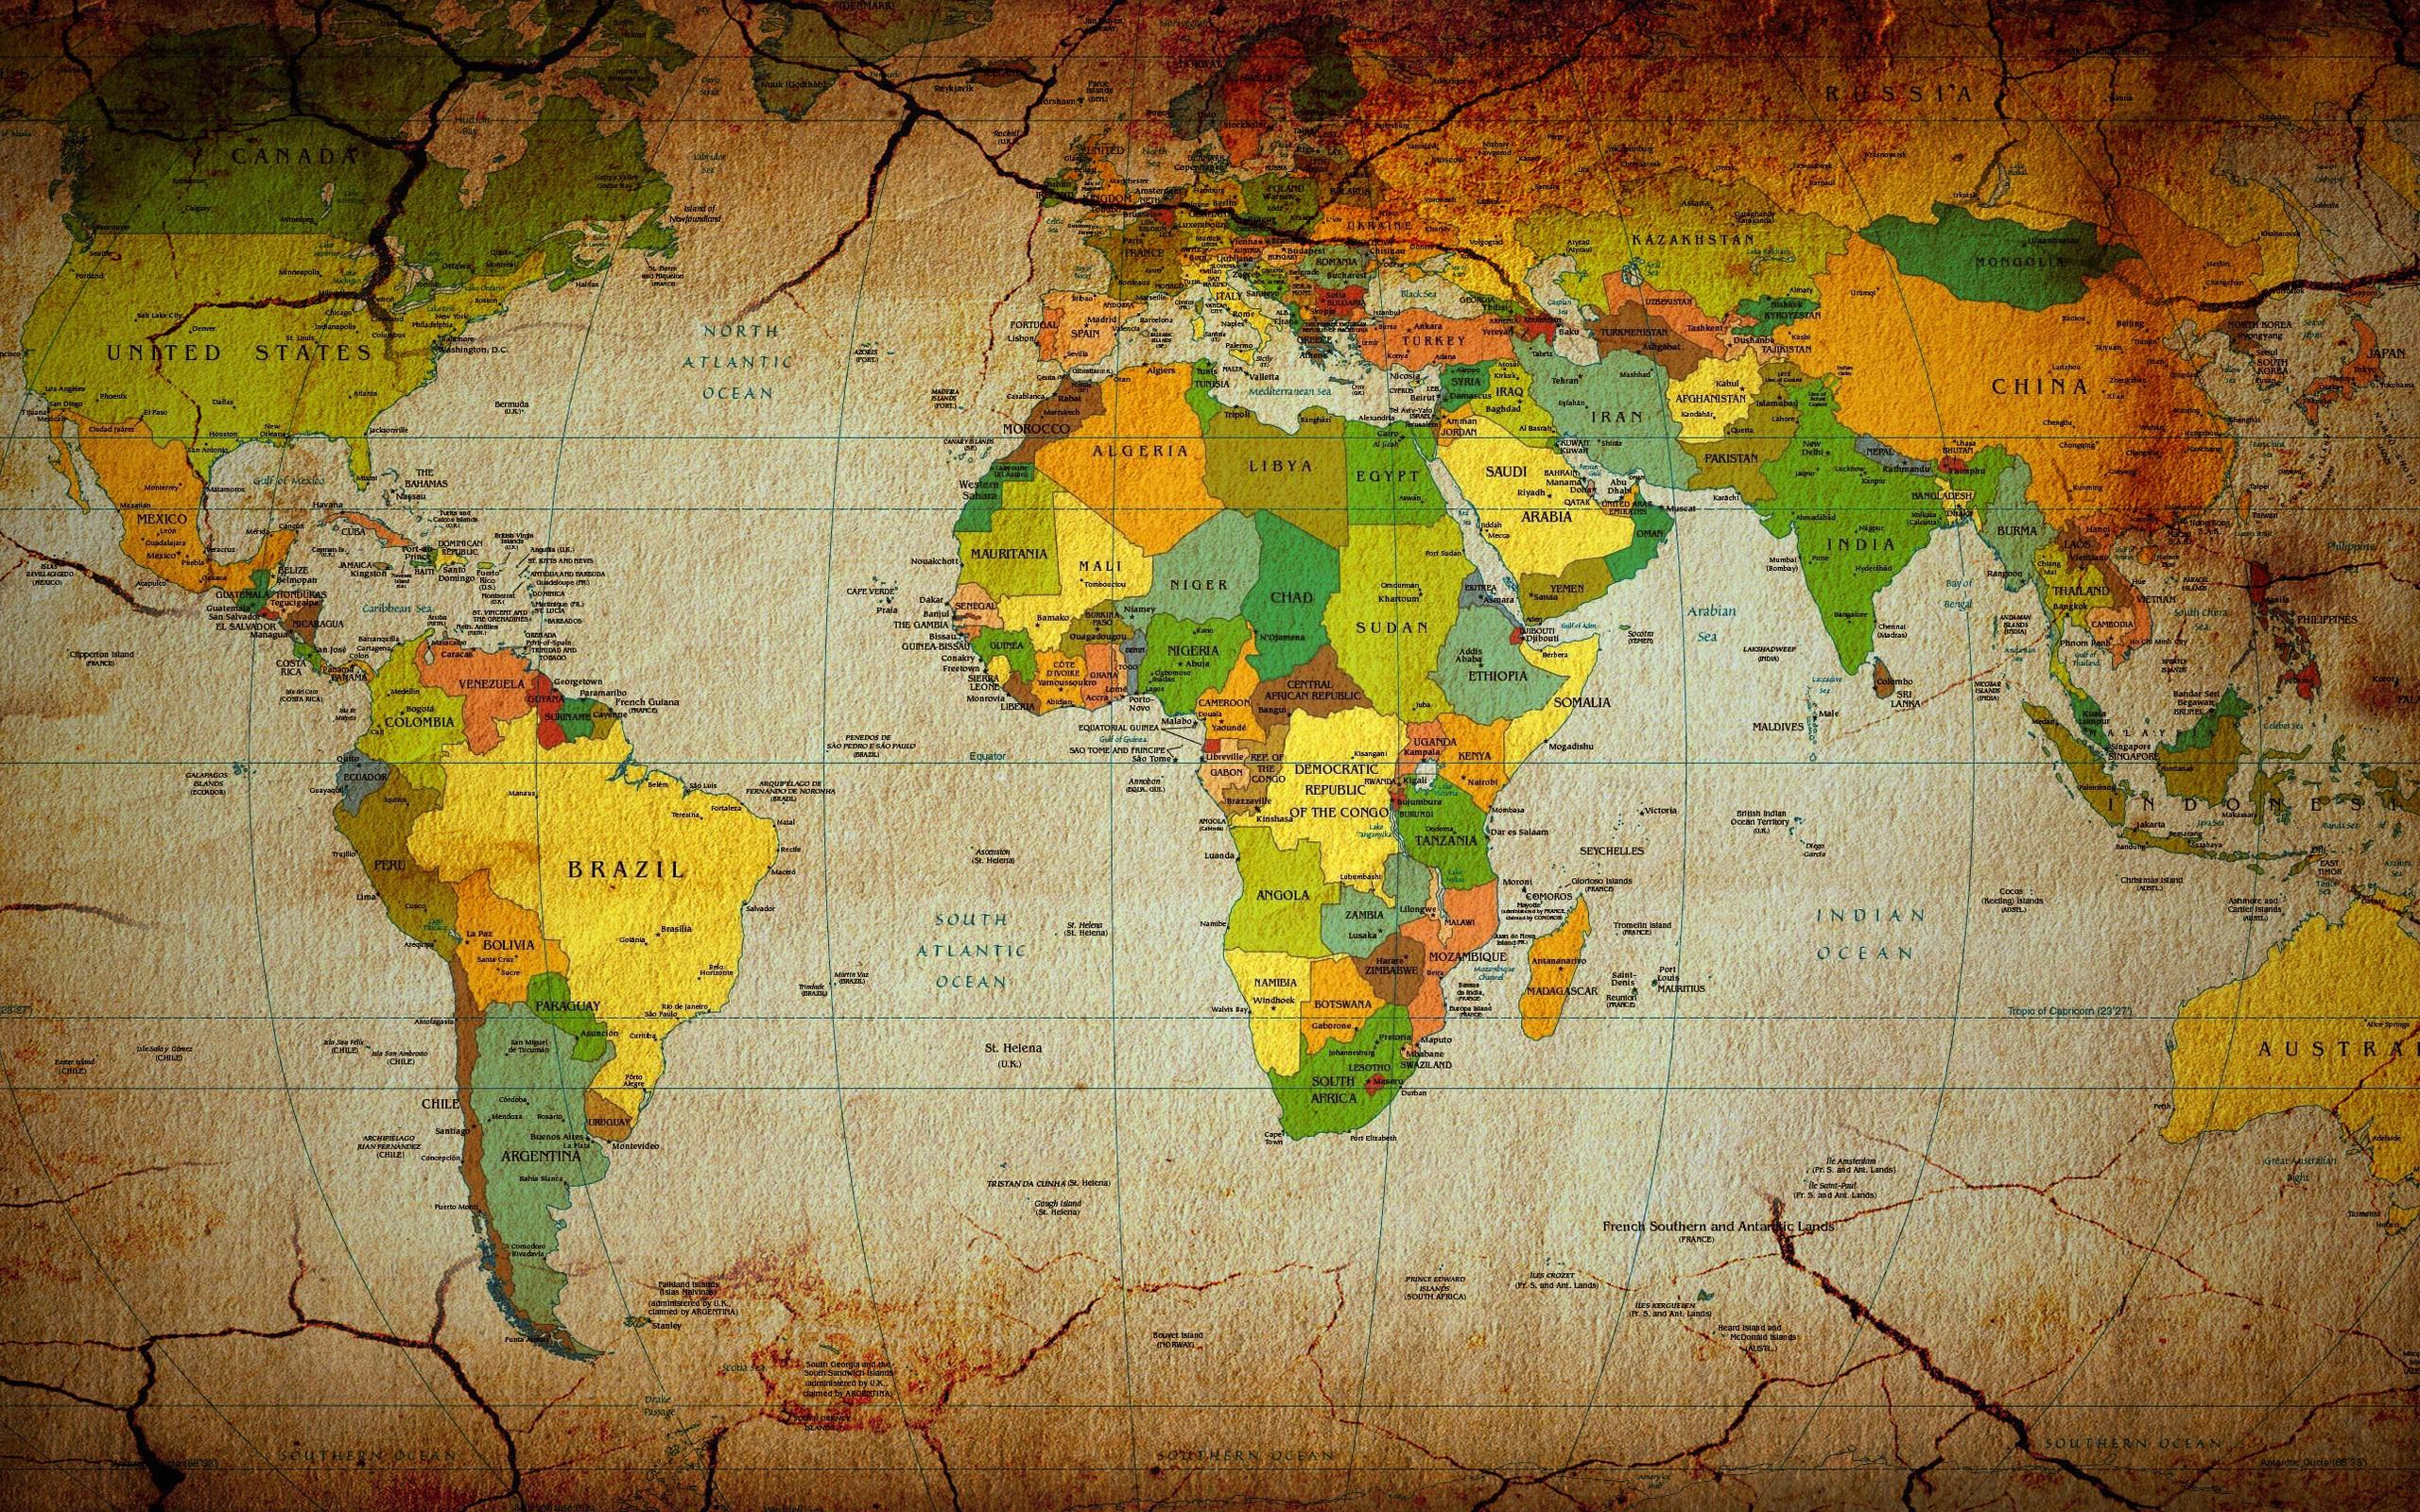 Wallpaper map wallpapersafari maps countries wallpaper 2560x1600 maps countries continents world 2560x1600 gumiabroncs Gallery